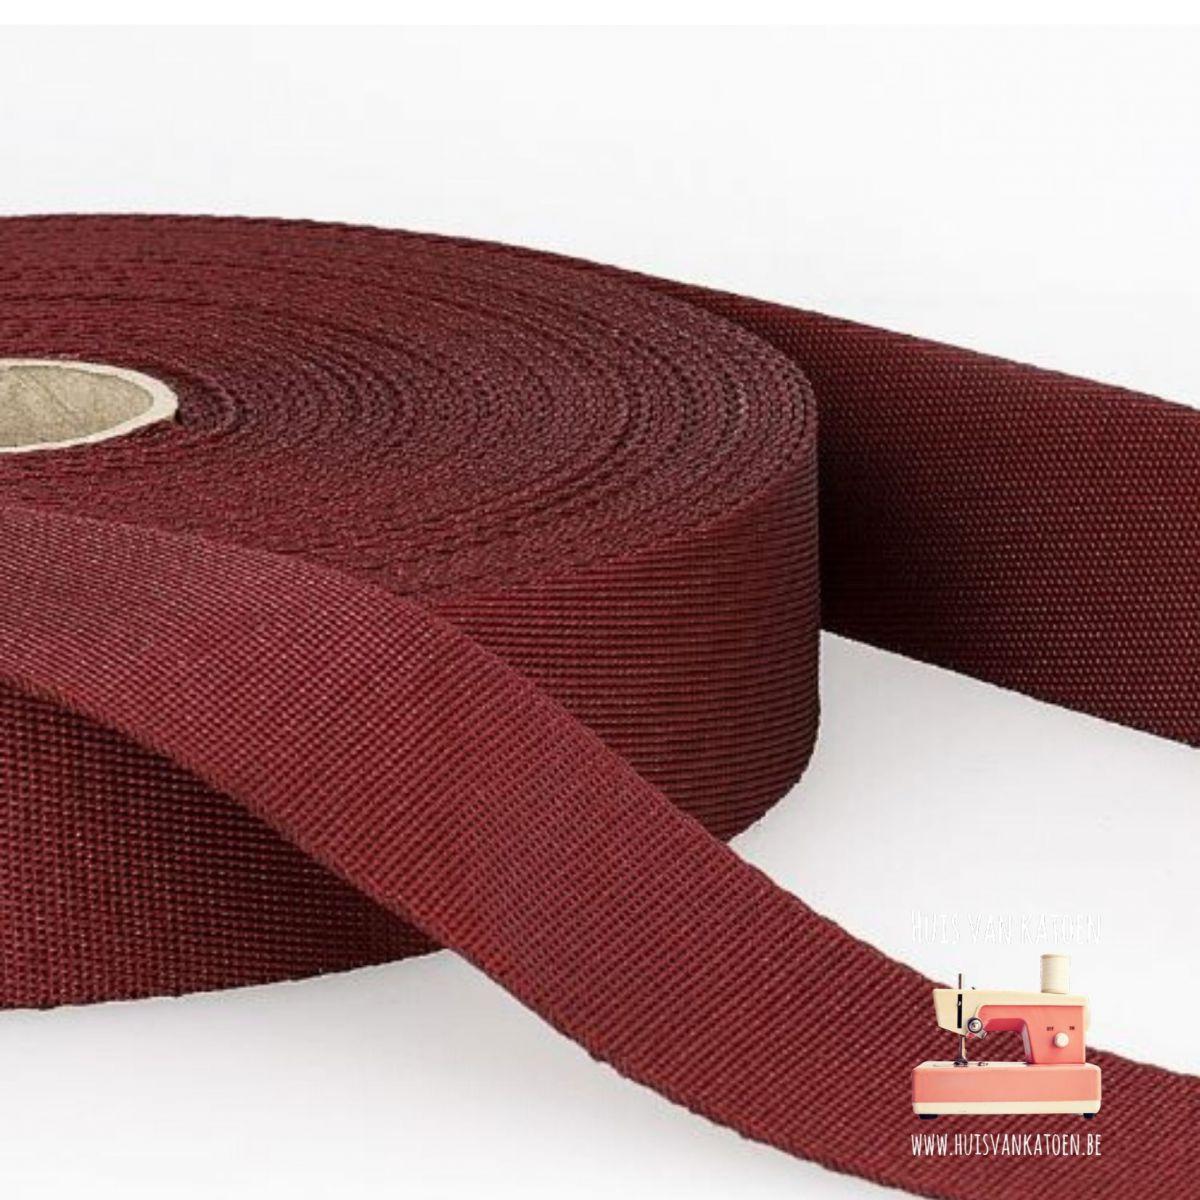 Tassenband 35 mm - bordeaux